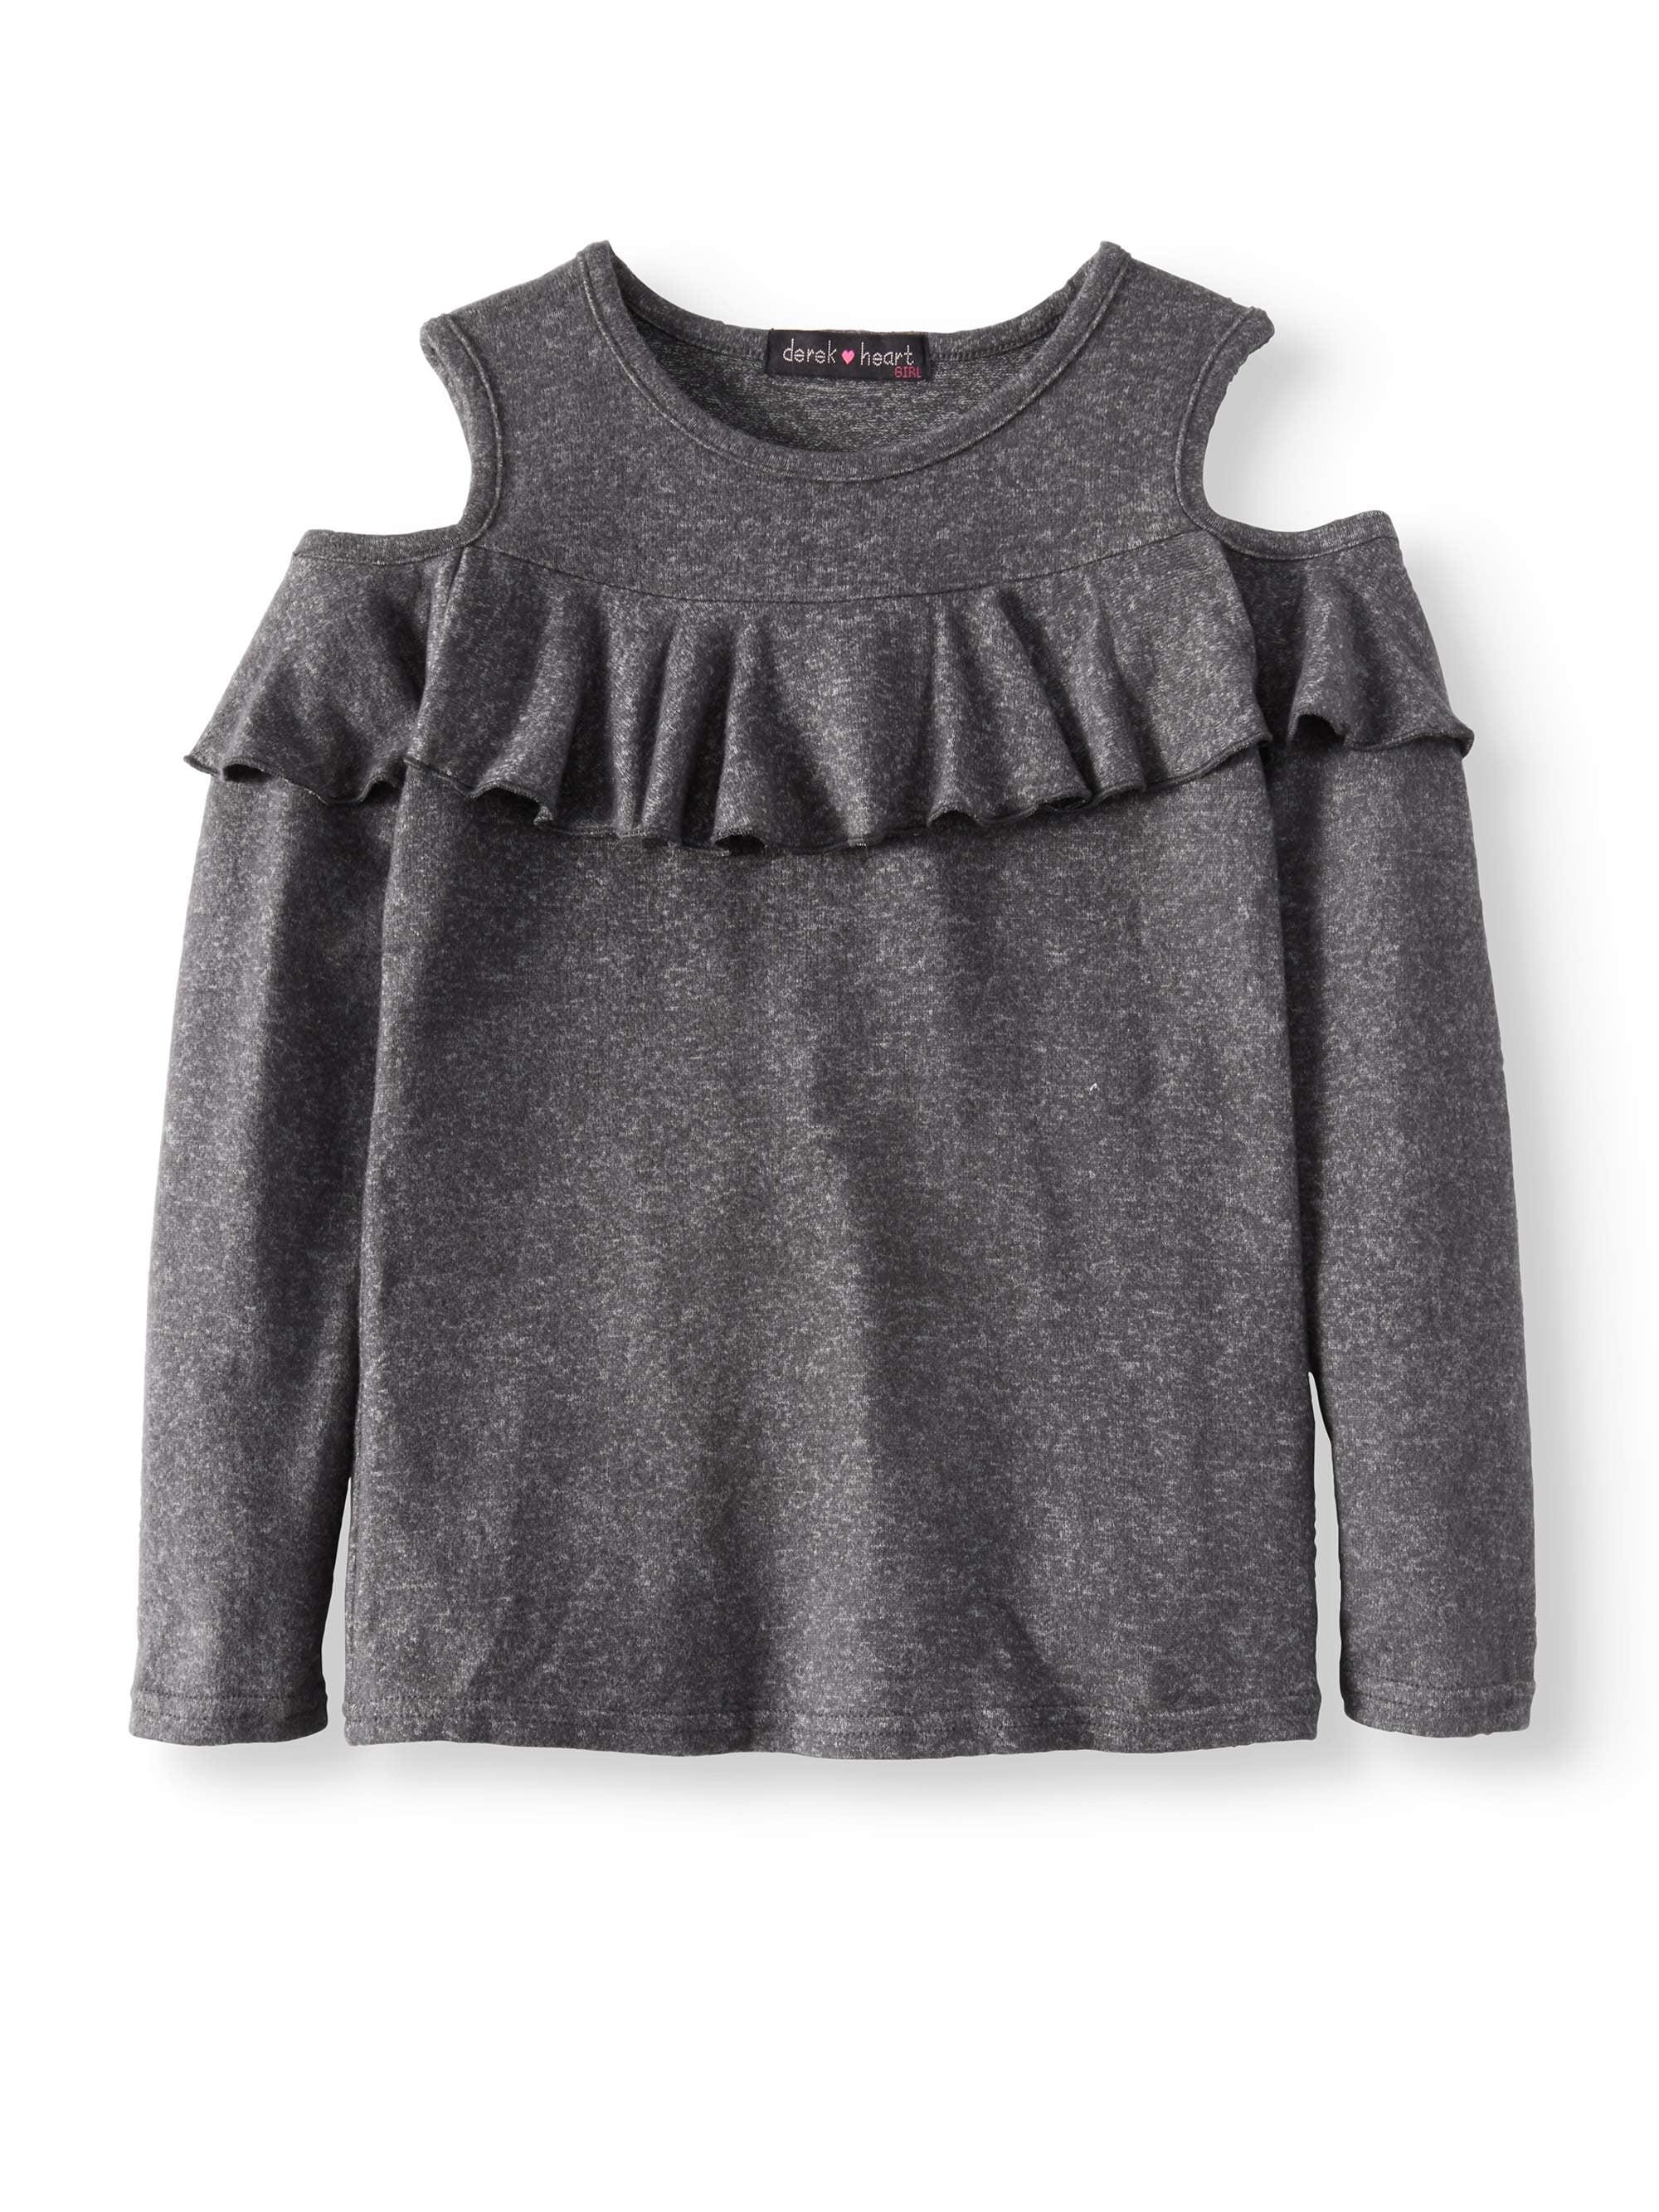 Walmart Derek Heart Cold Shoulder Ruffle Front Sweater Knit Top (Big Girls)